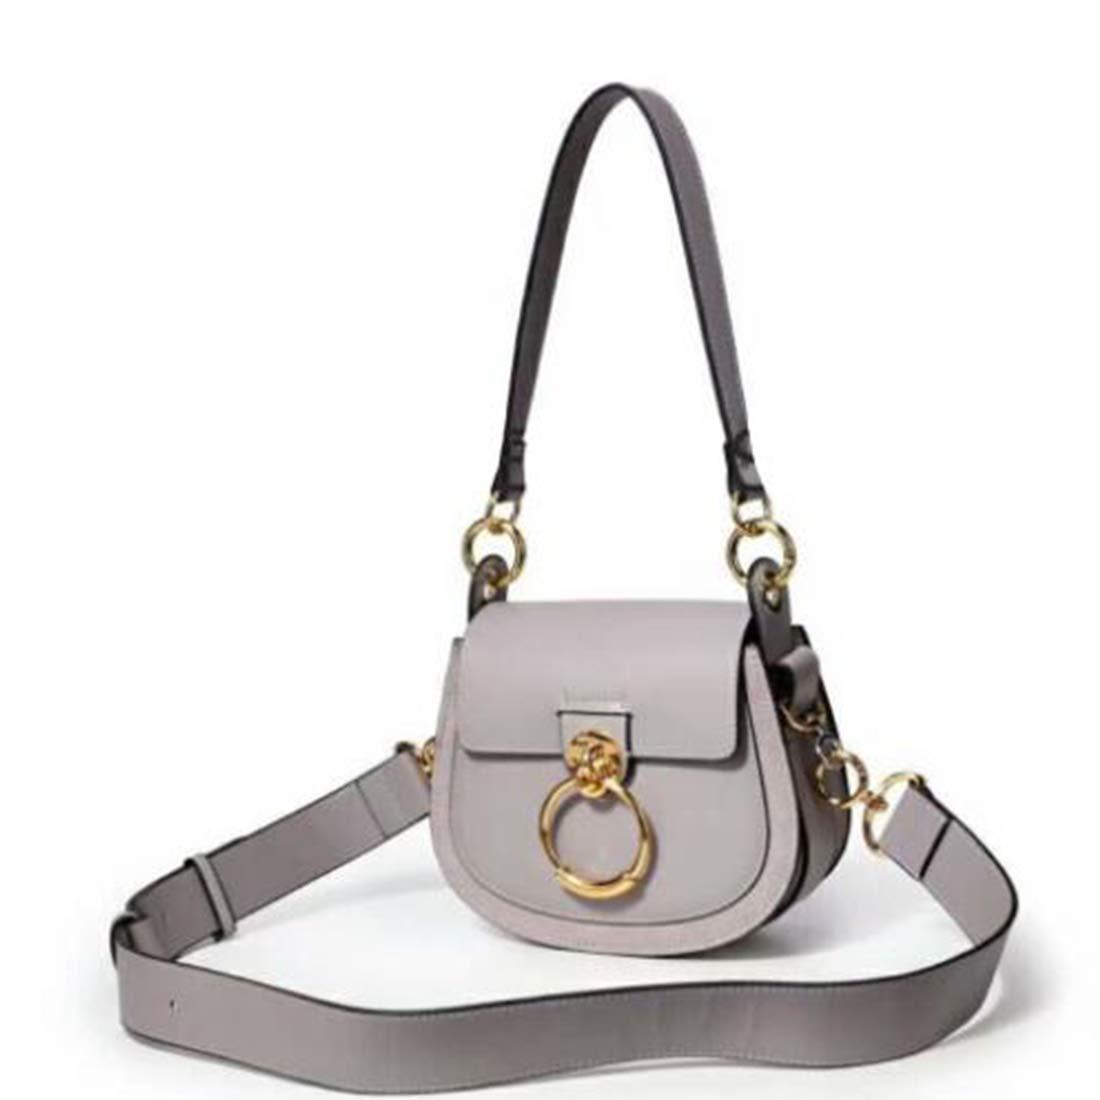 RABILTY Shoulder Bag Tote Bag Shoulder Back Oblique Hanging Bag Womens Cowhide Color : White